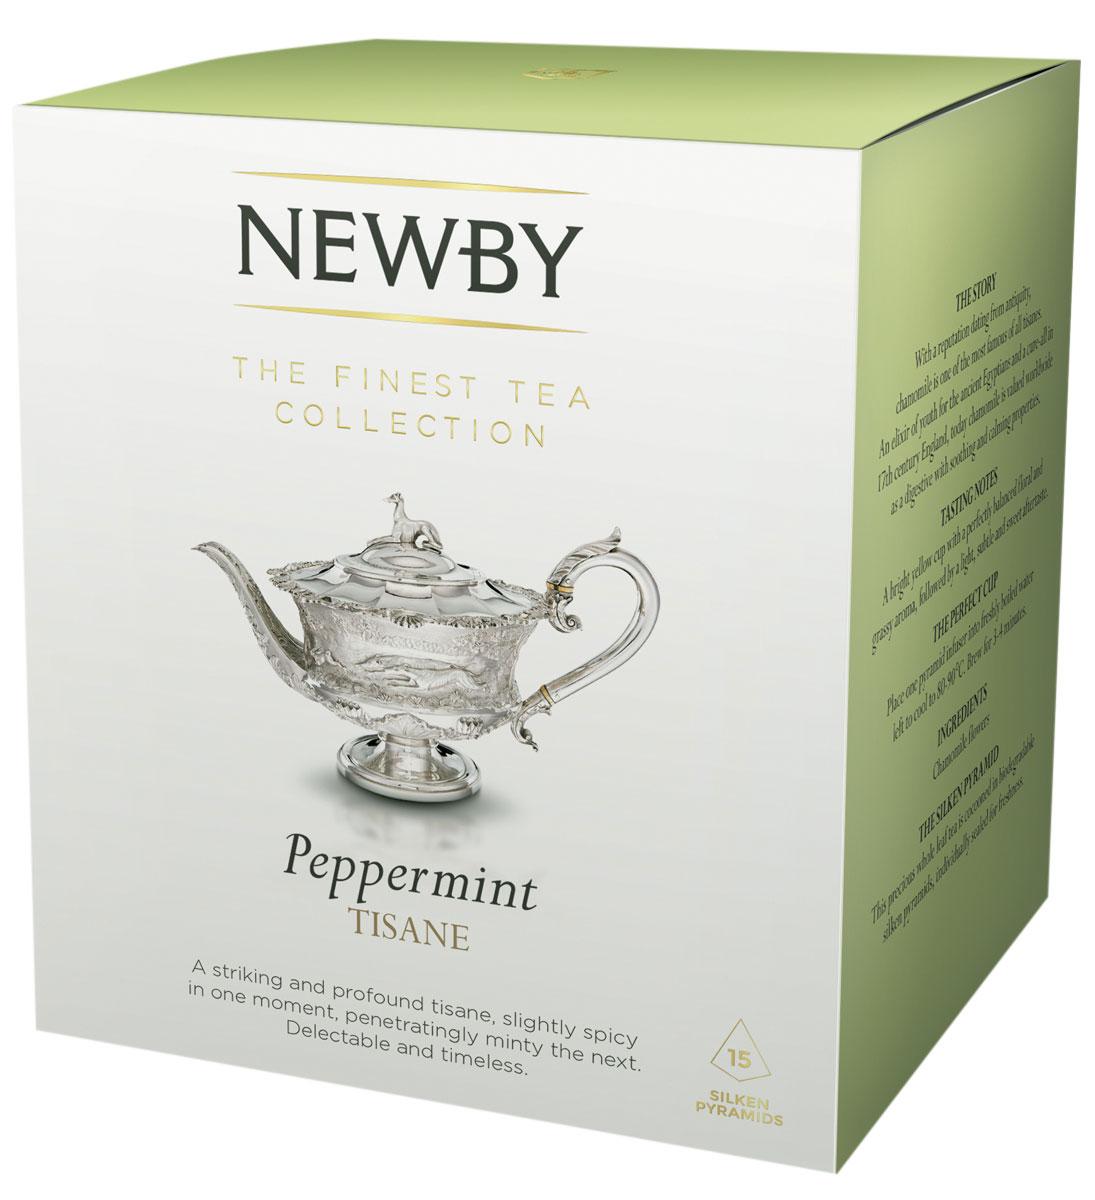 Newby Peppermint травяной чай в пирамидках, 15 шт600140ANewby Peppermint - освежающий травяной чай из листьев перечной мяты. Чашка благоухает пряным мятным вкусом. Каждая пирамидка упакована в индивидуальное саше из алюминиевой фольги для сохранения свежести ингредиентов.